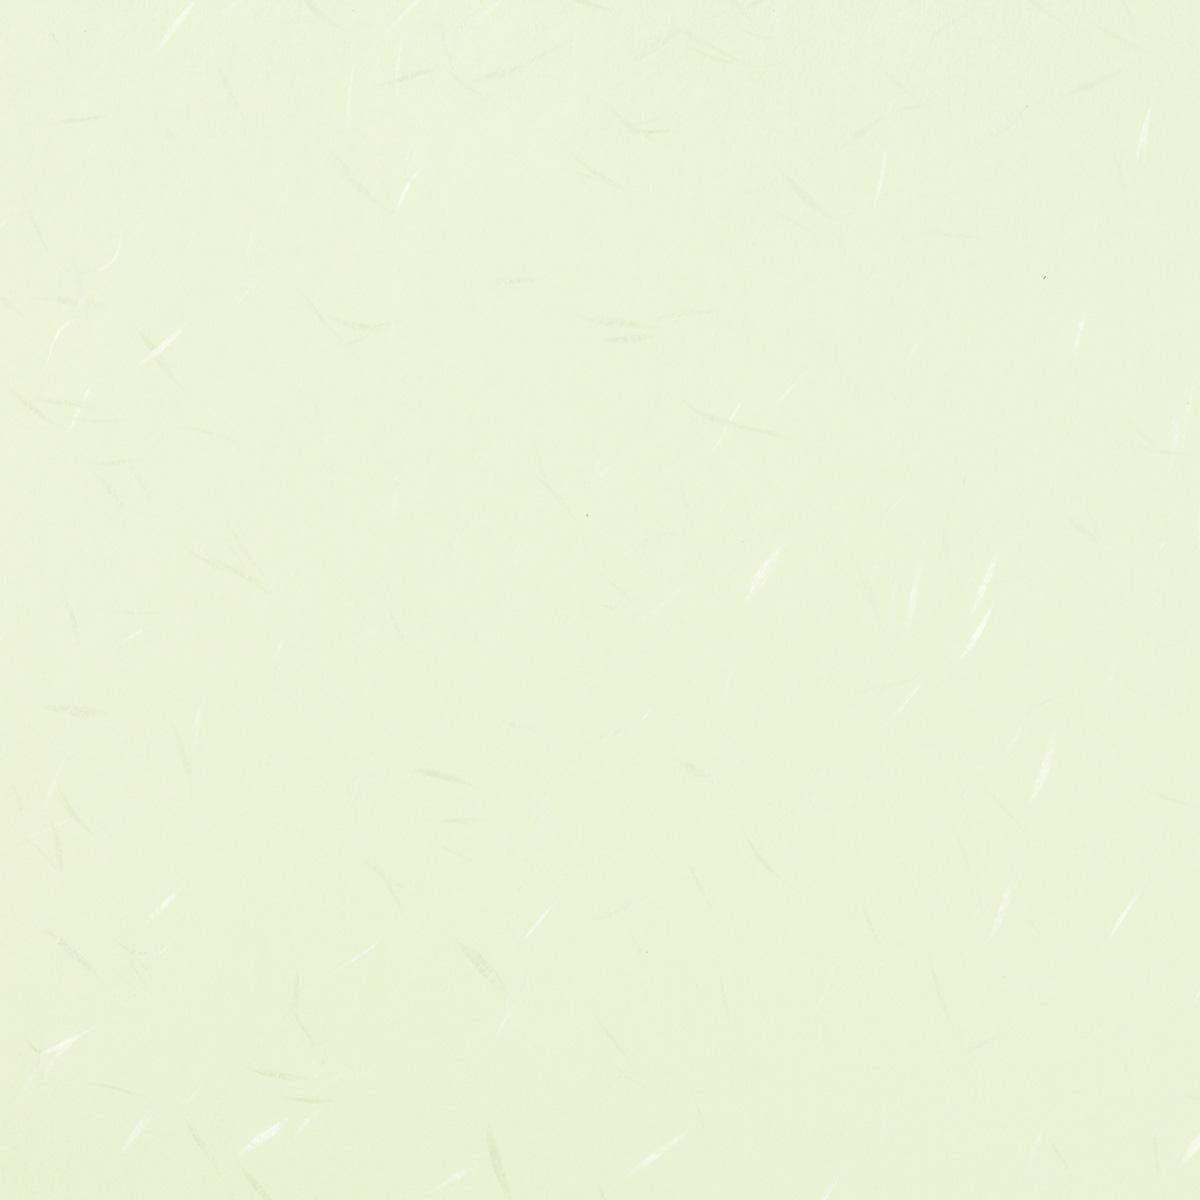 月華ニューカラー A4サイズ(50枚入) No.34 ウグイス